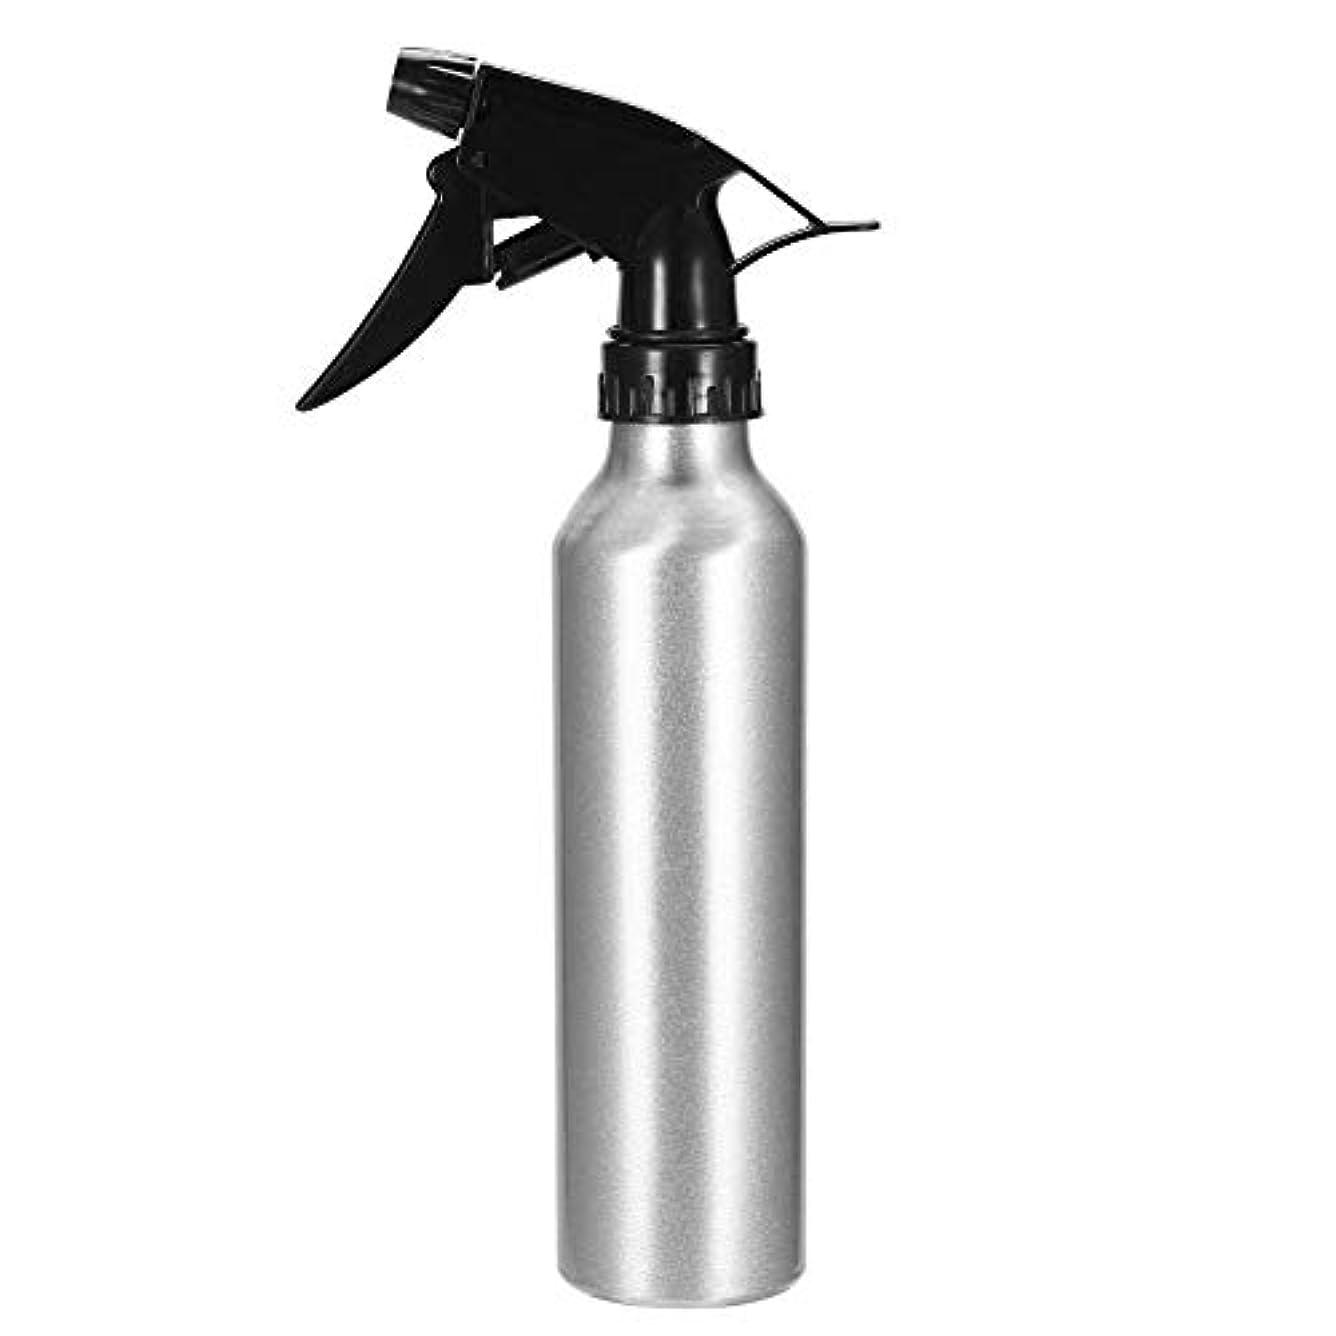 局豚イチゴPichidr-JP アルミスプレーボトルシルバートリガーエンプティタトゥーエッセンシャルオイルスプレー用サロン理容美容院植物クリーニング